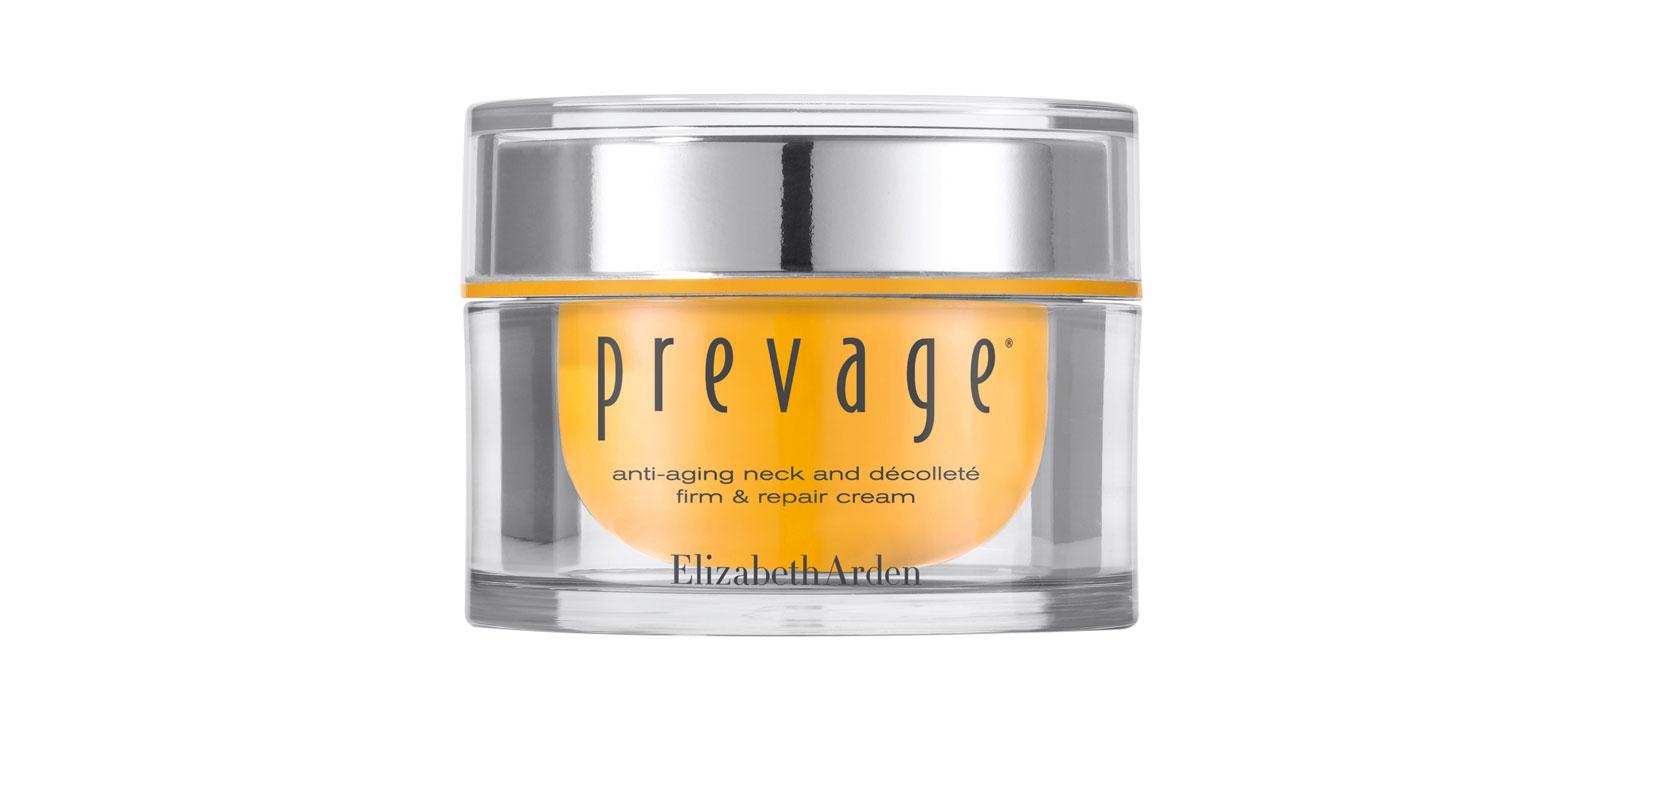 Jäntevyyttä, kiinteyttä ja kosteutta iholle lupaa Elizabeth Arden Prevage Anti-Aging Neck & Decolleté -voide, joka jatkuvassa käytössä myös haalistaa pigmenttiläiskiä, 50ml 115e.